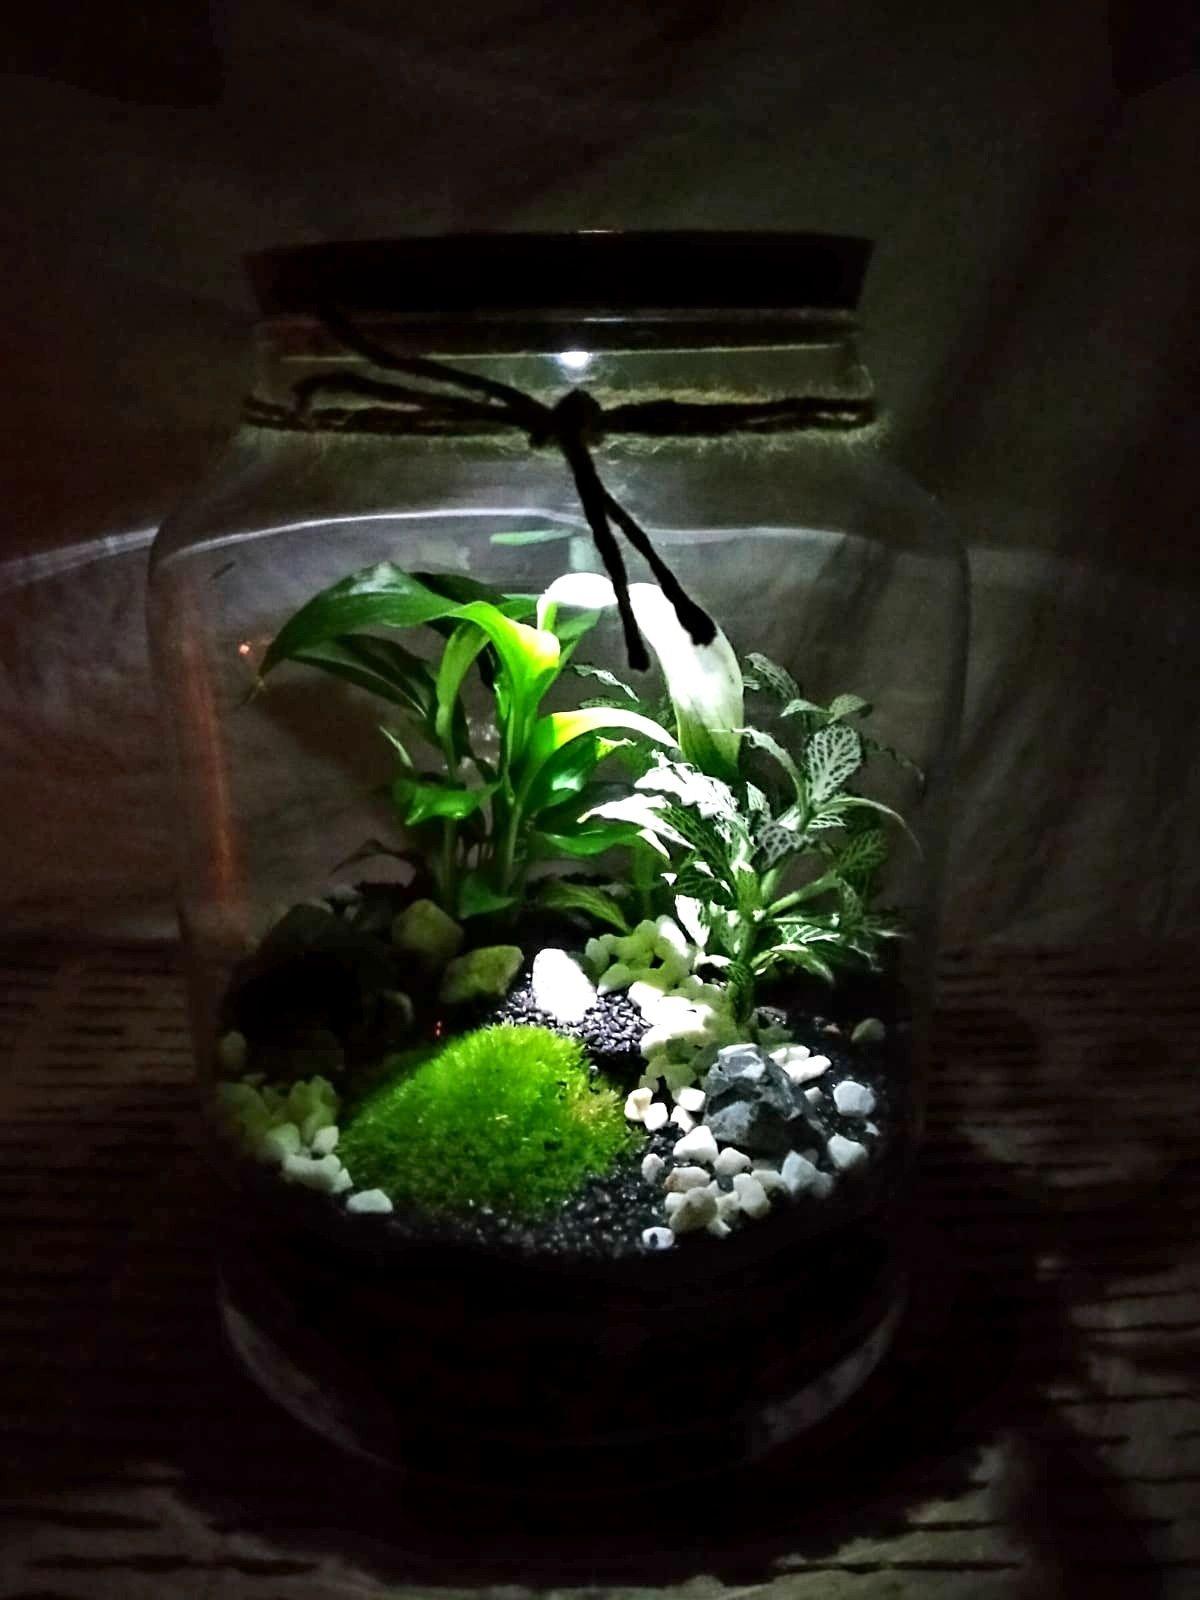 Las w słoiku z oświetleniem LED